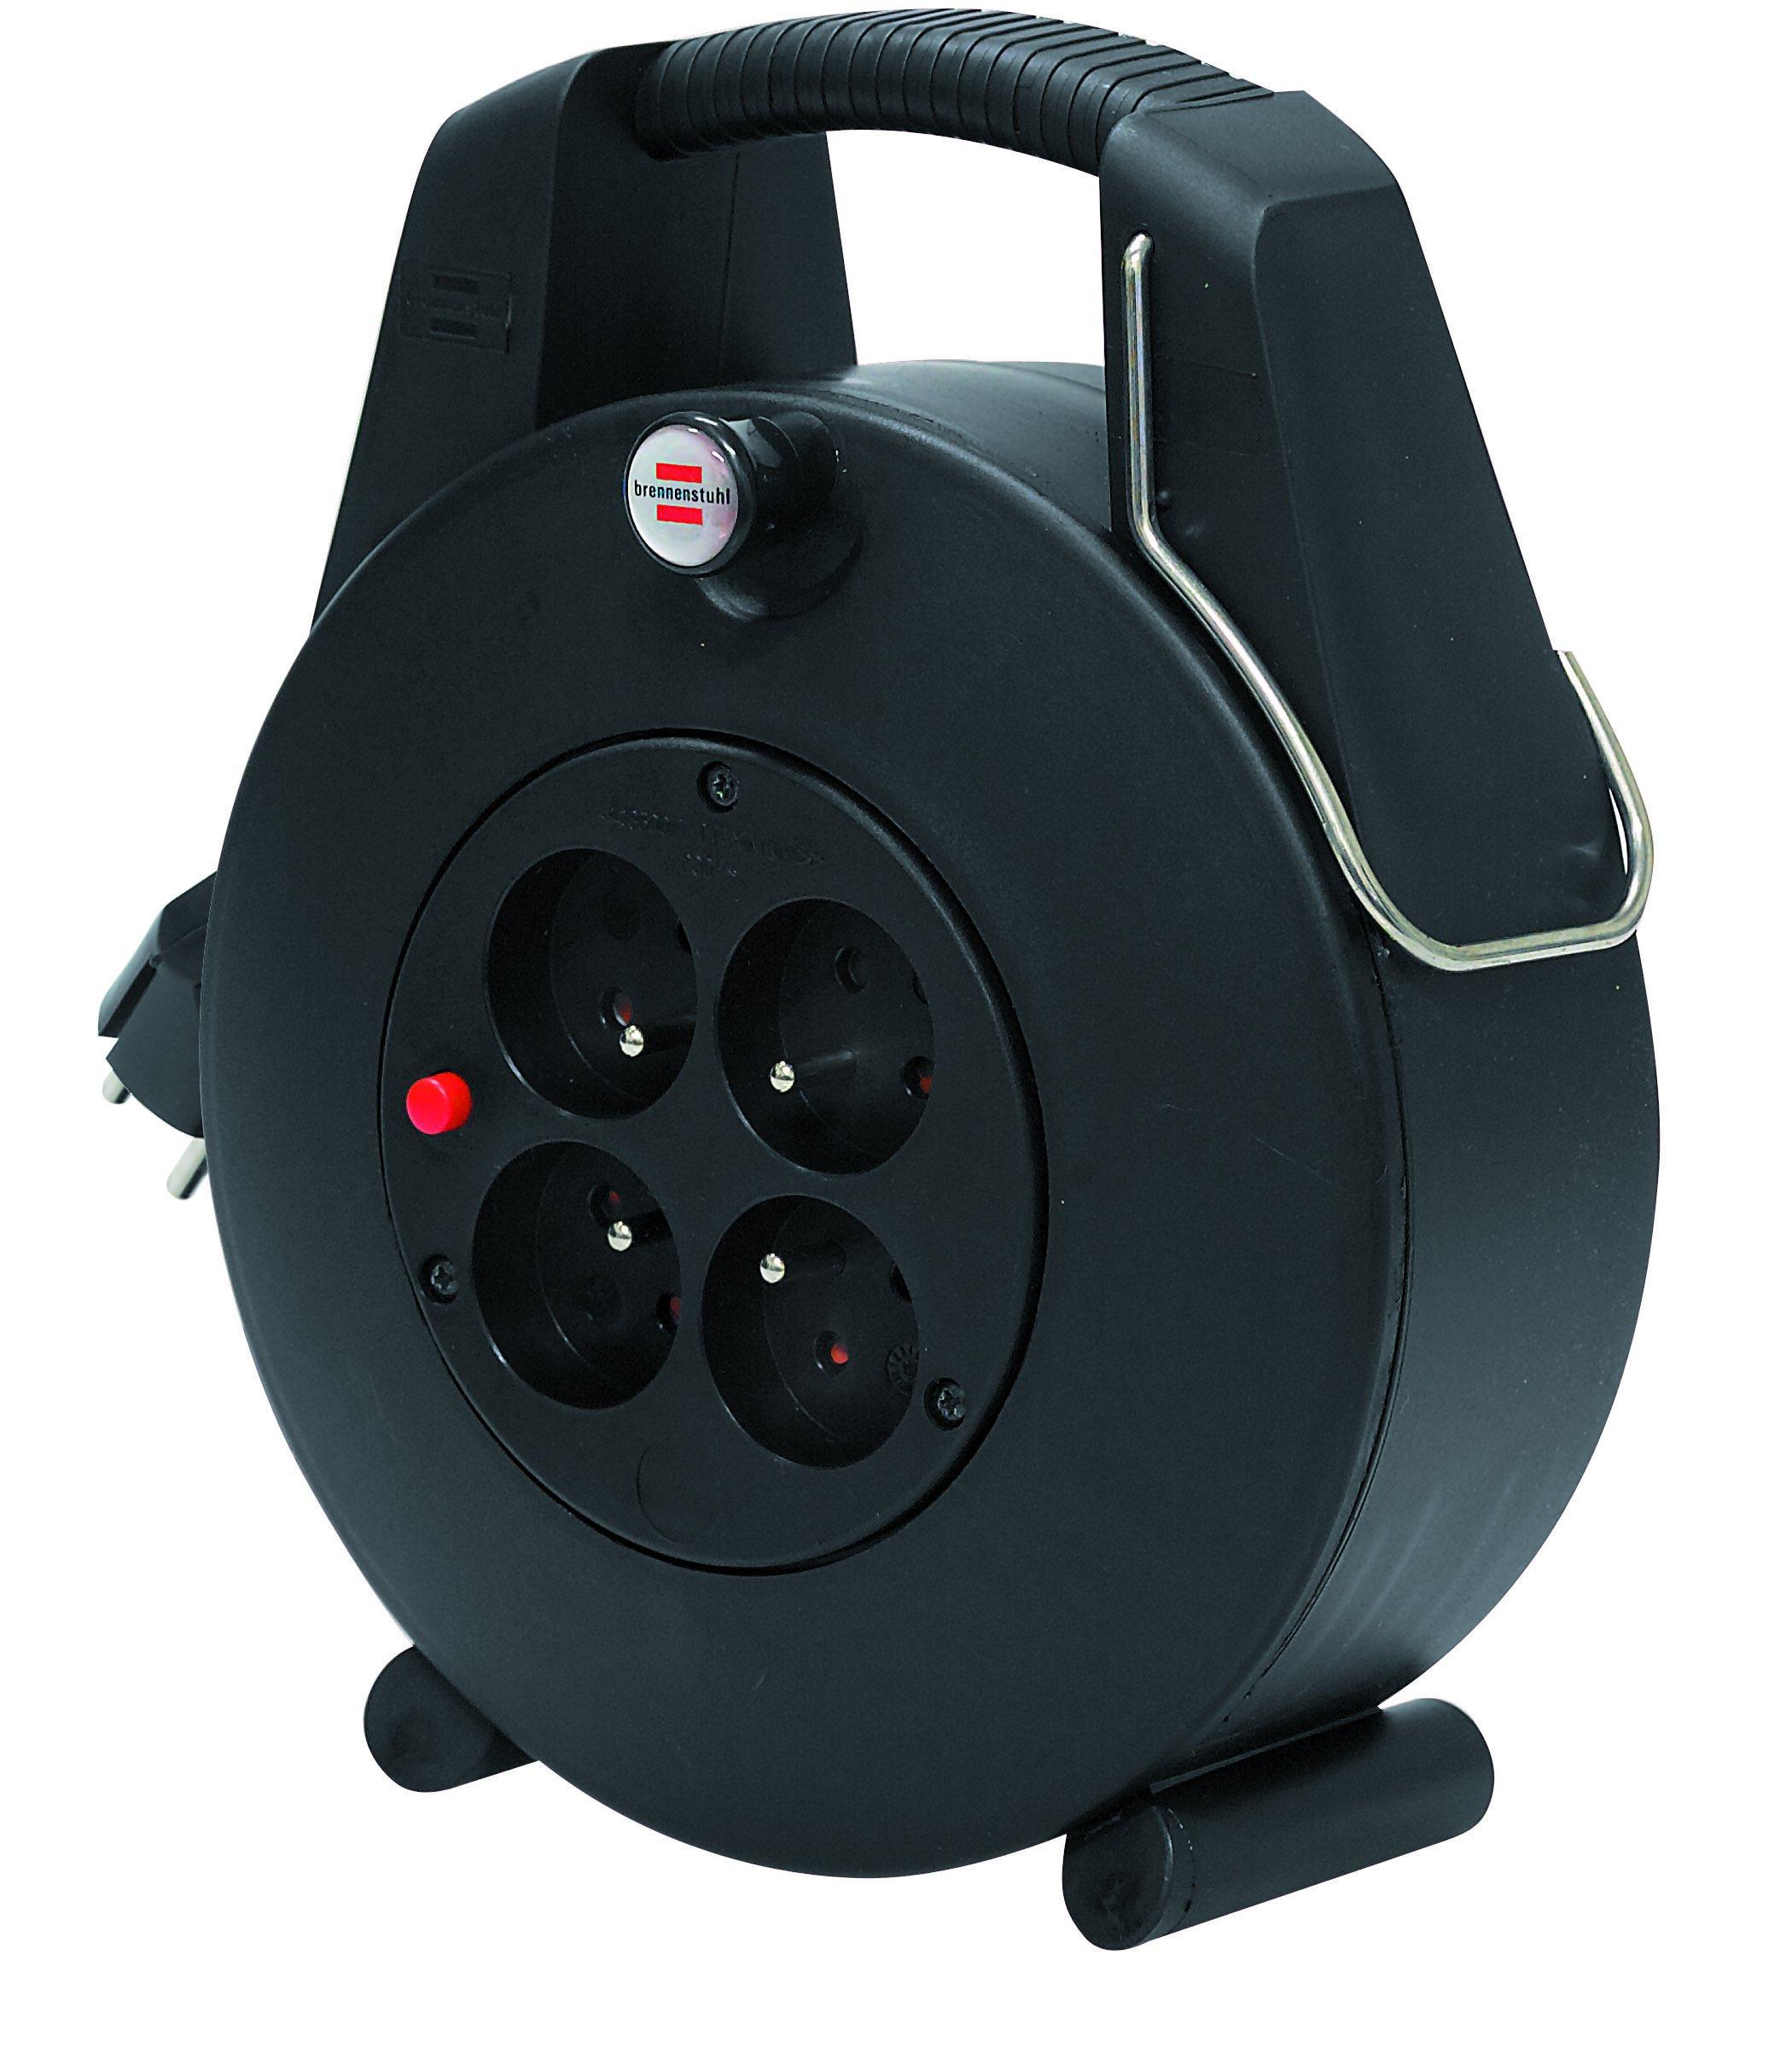 Brennenstuhl 1102901 Confort-Line CL-XL Enrouleur électrique 20 m H05VV-F  3G1,0 Noir a46d1dfca51d